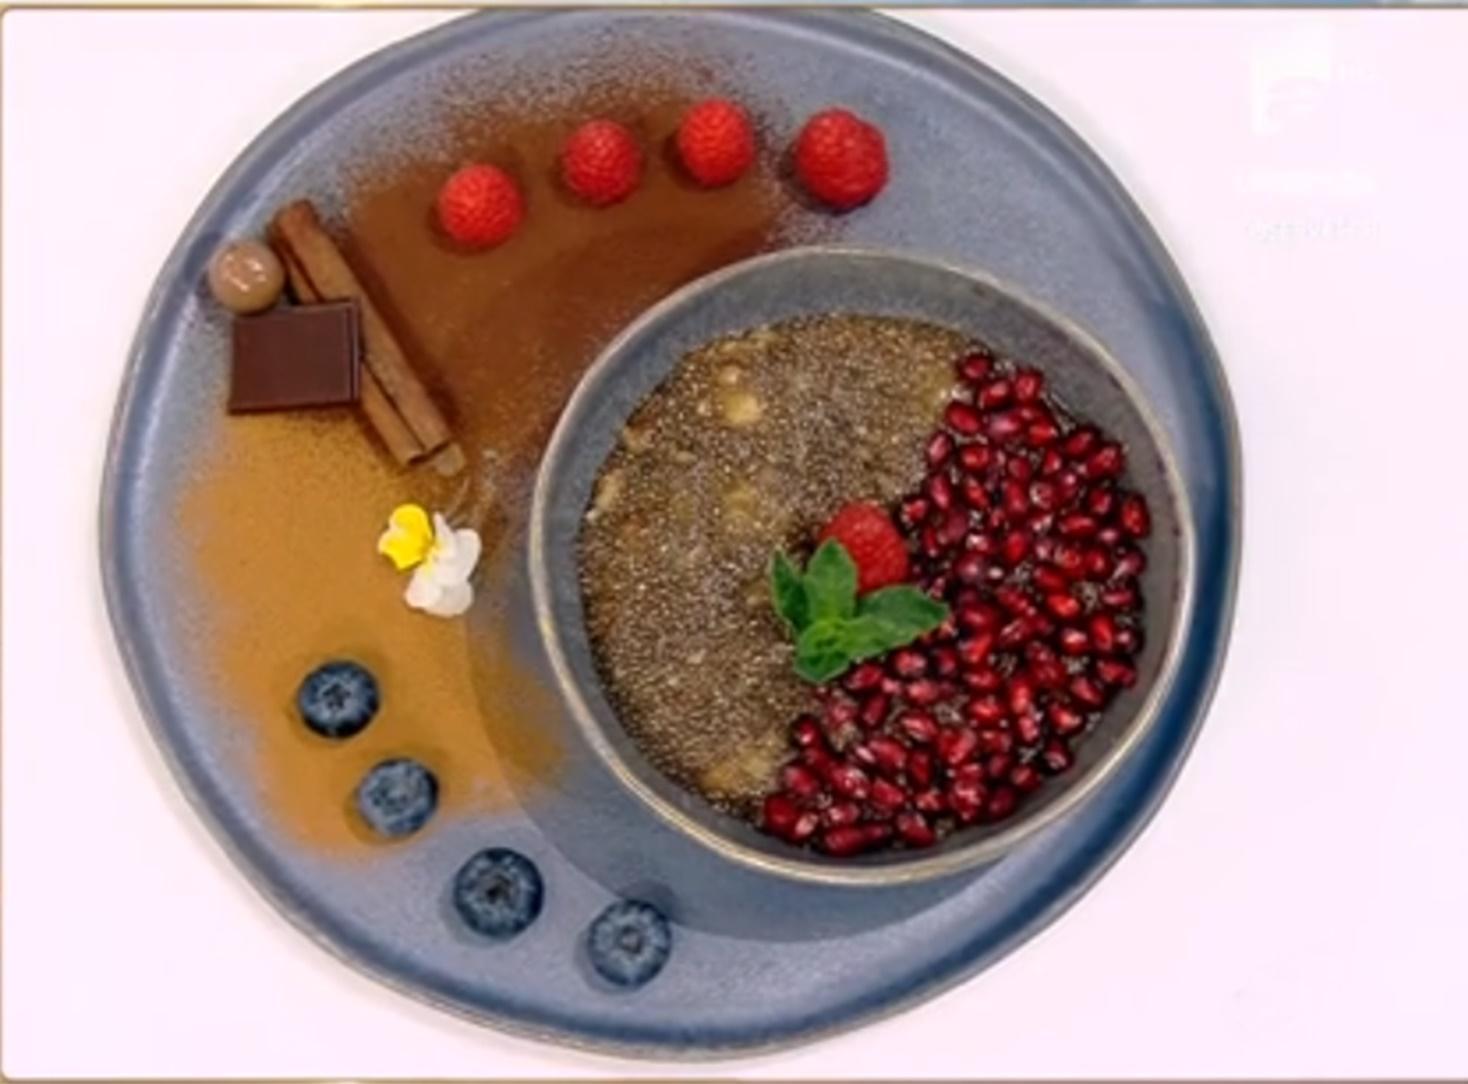 Idee de gustare plină de savoare și sănătate: Budincă de chia cu banane și zmeură